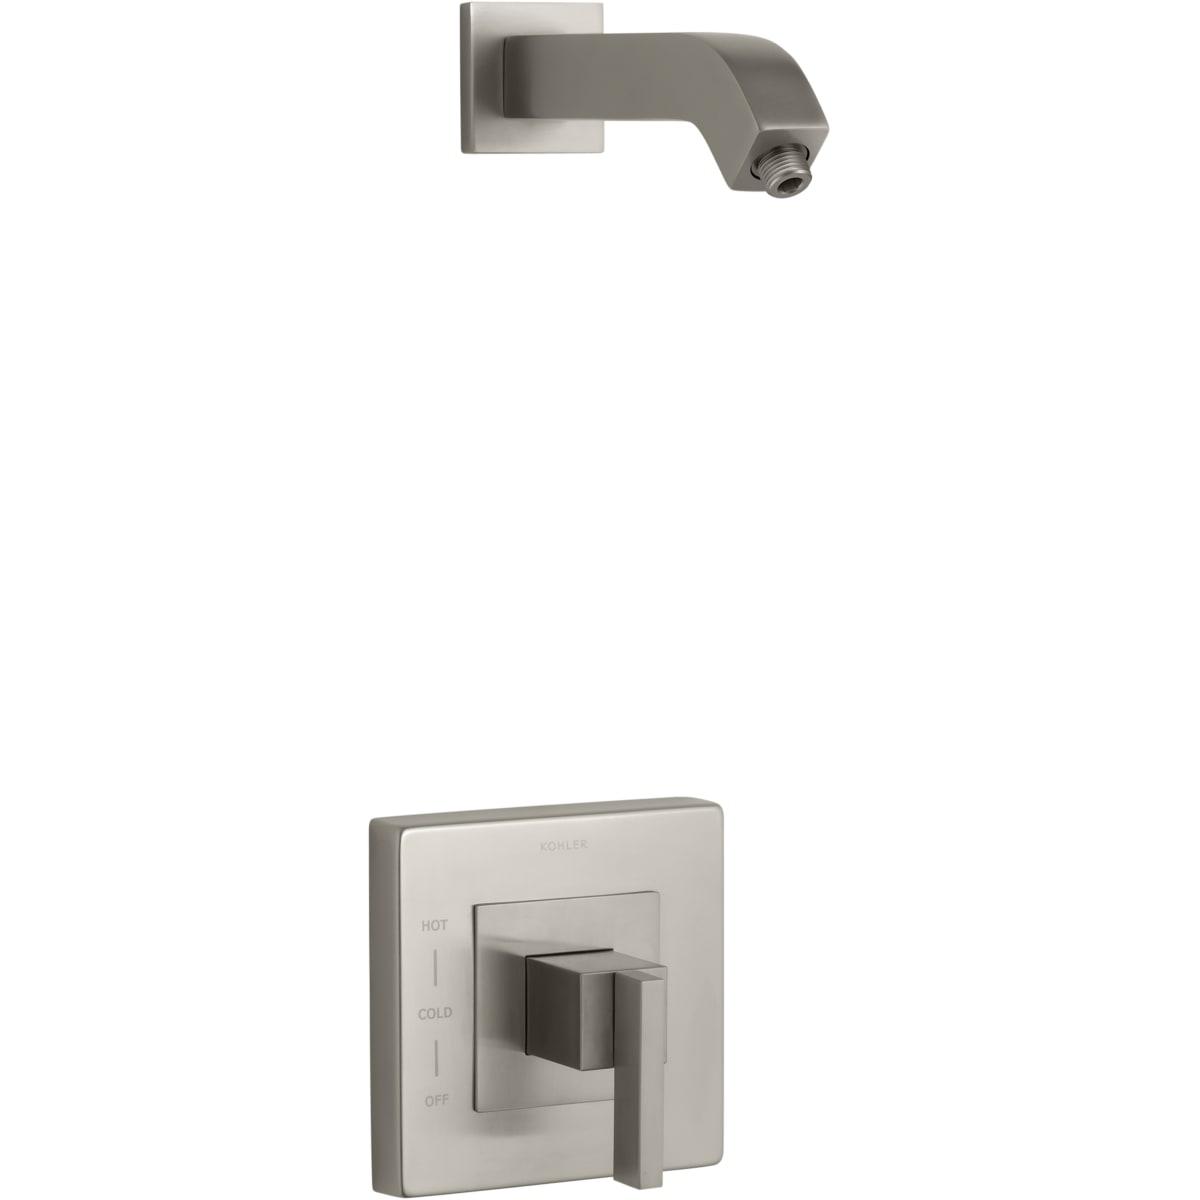 Faucet Parts Rough Plumbing Kohler Tls14670 4 Cp K Tls14670